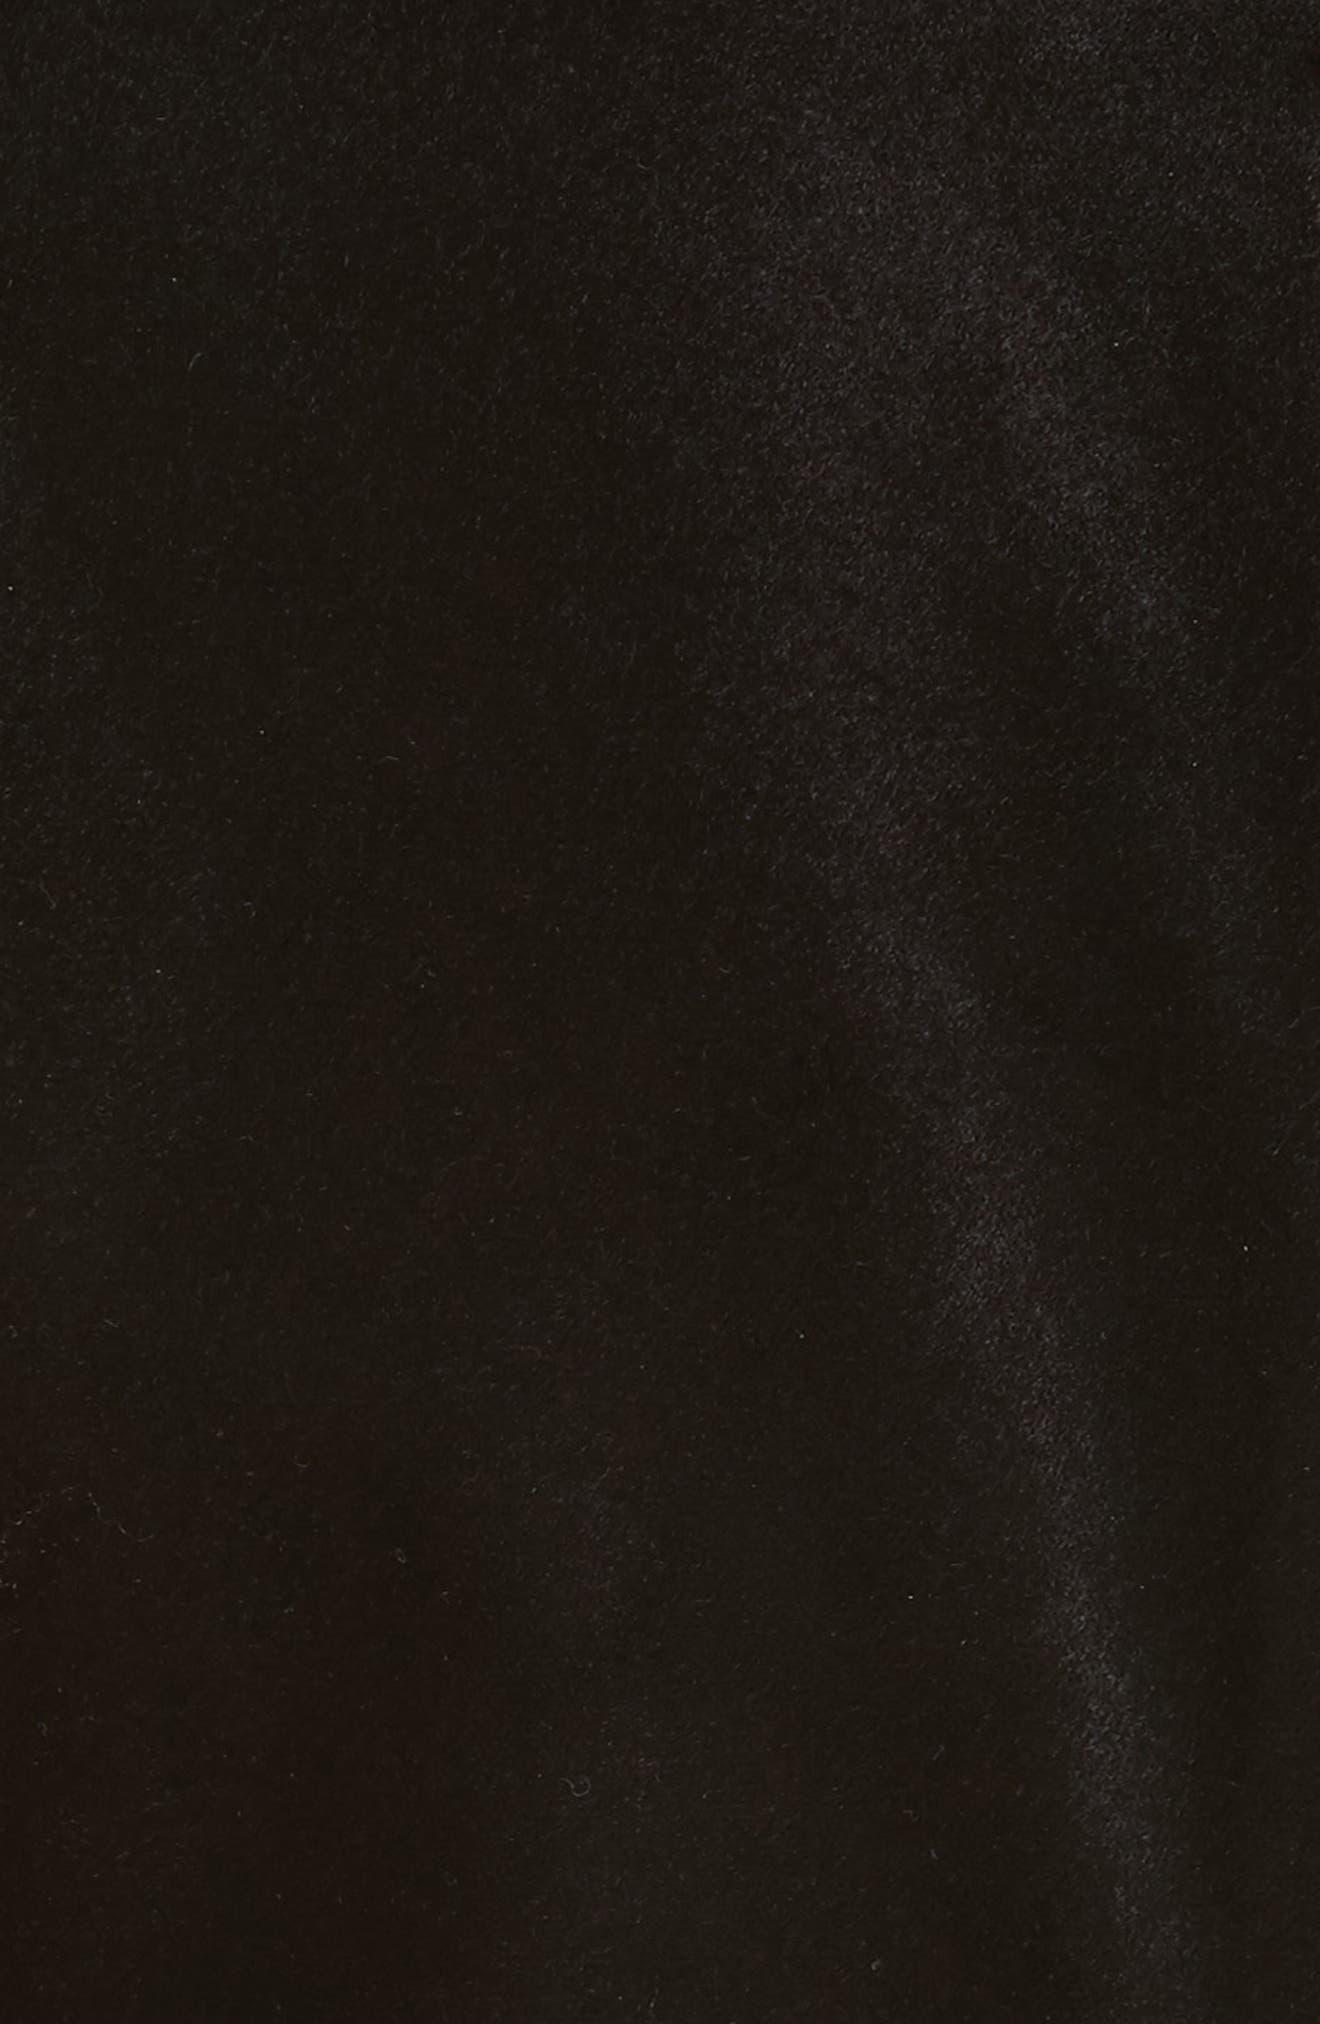 Queen Bee Ruffle Waist Dress,                             Alternate thumbnail 5, color,                             001